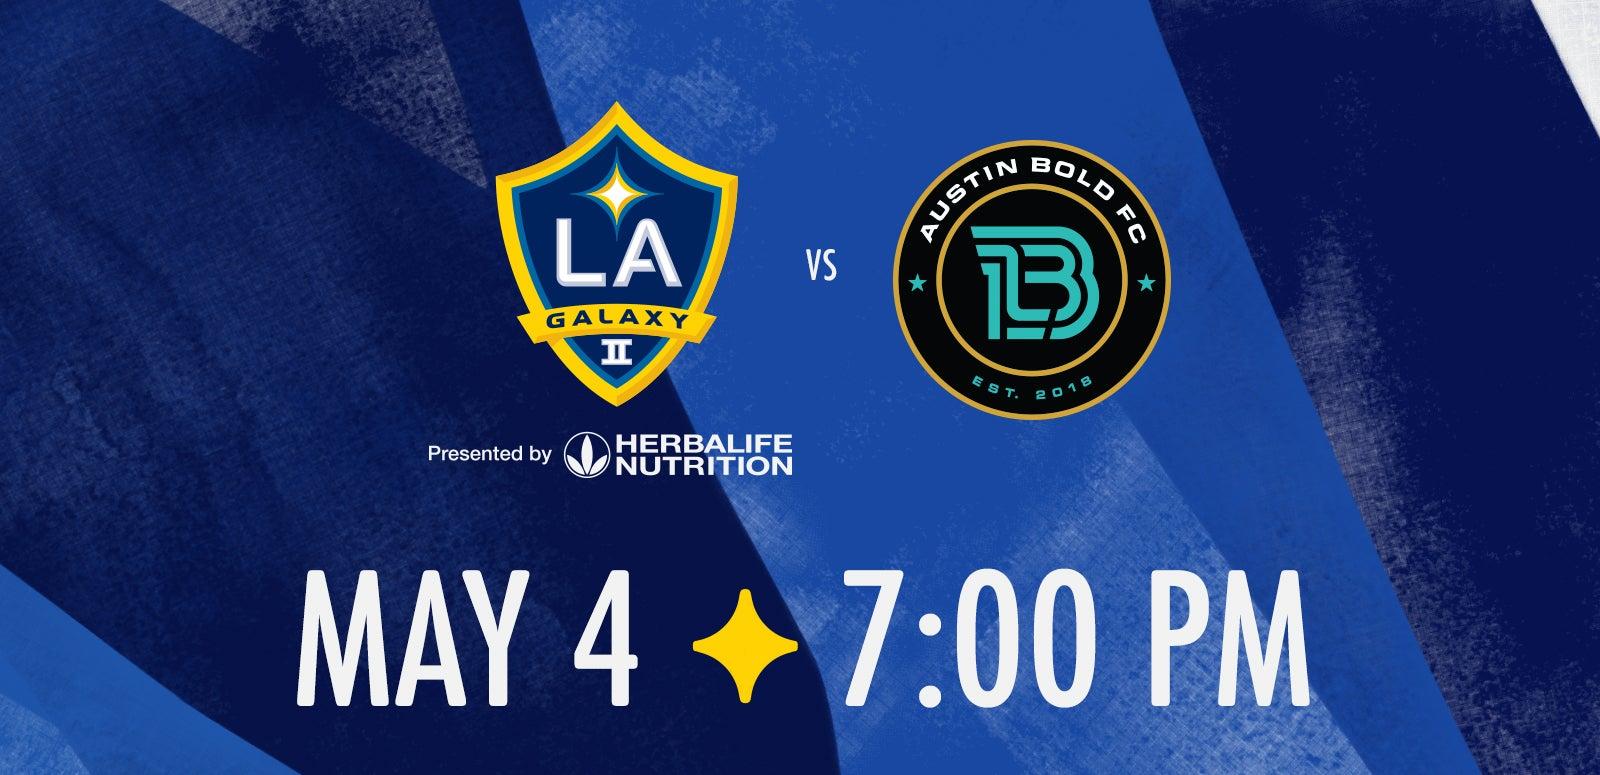 LA Galaxy II vs. Austin Bold FC